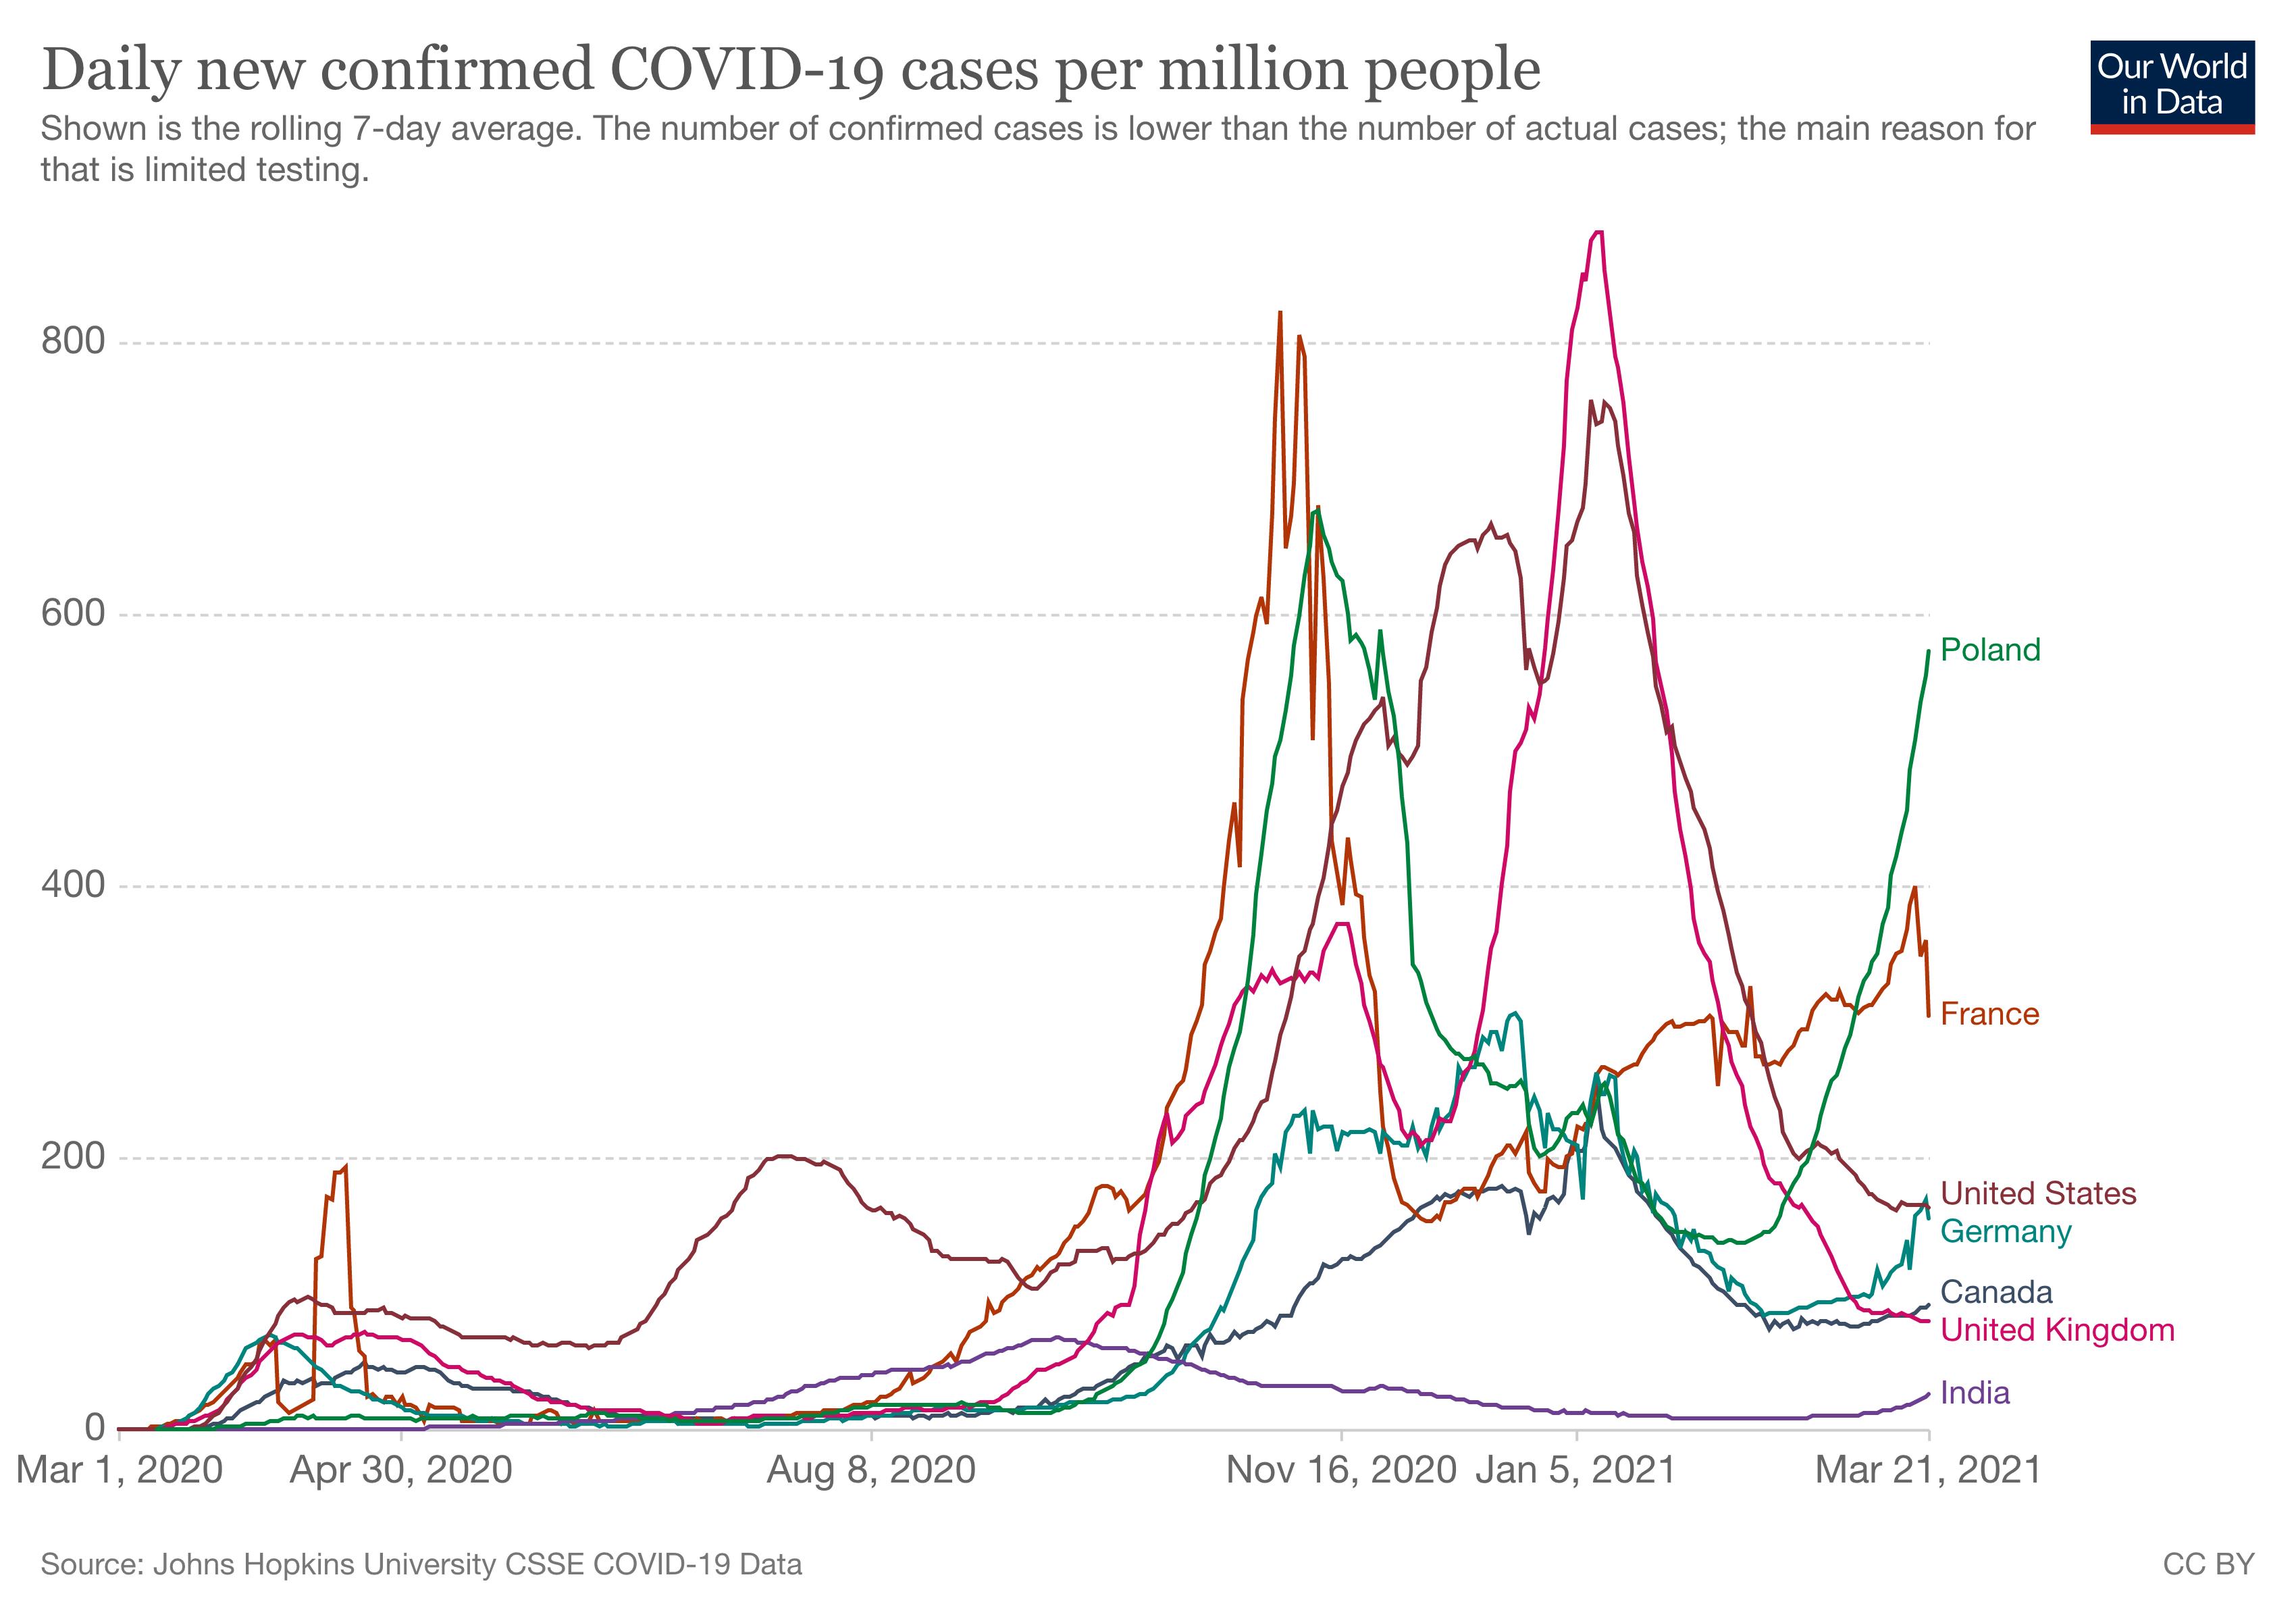 liczba nowych przypadków na milion